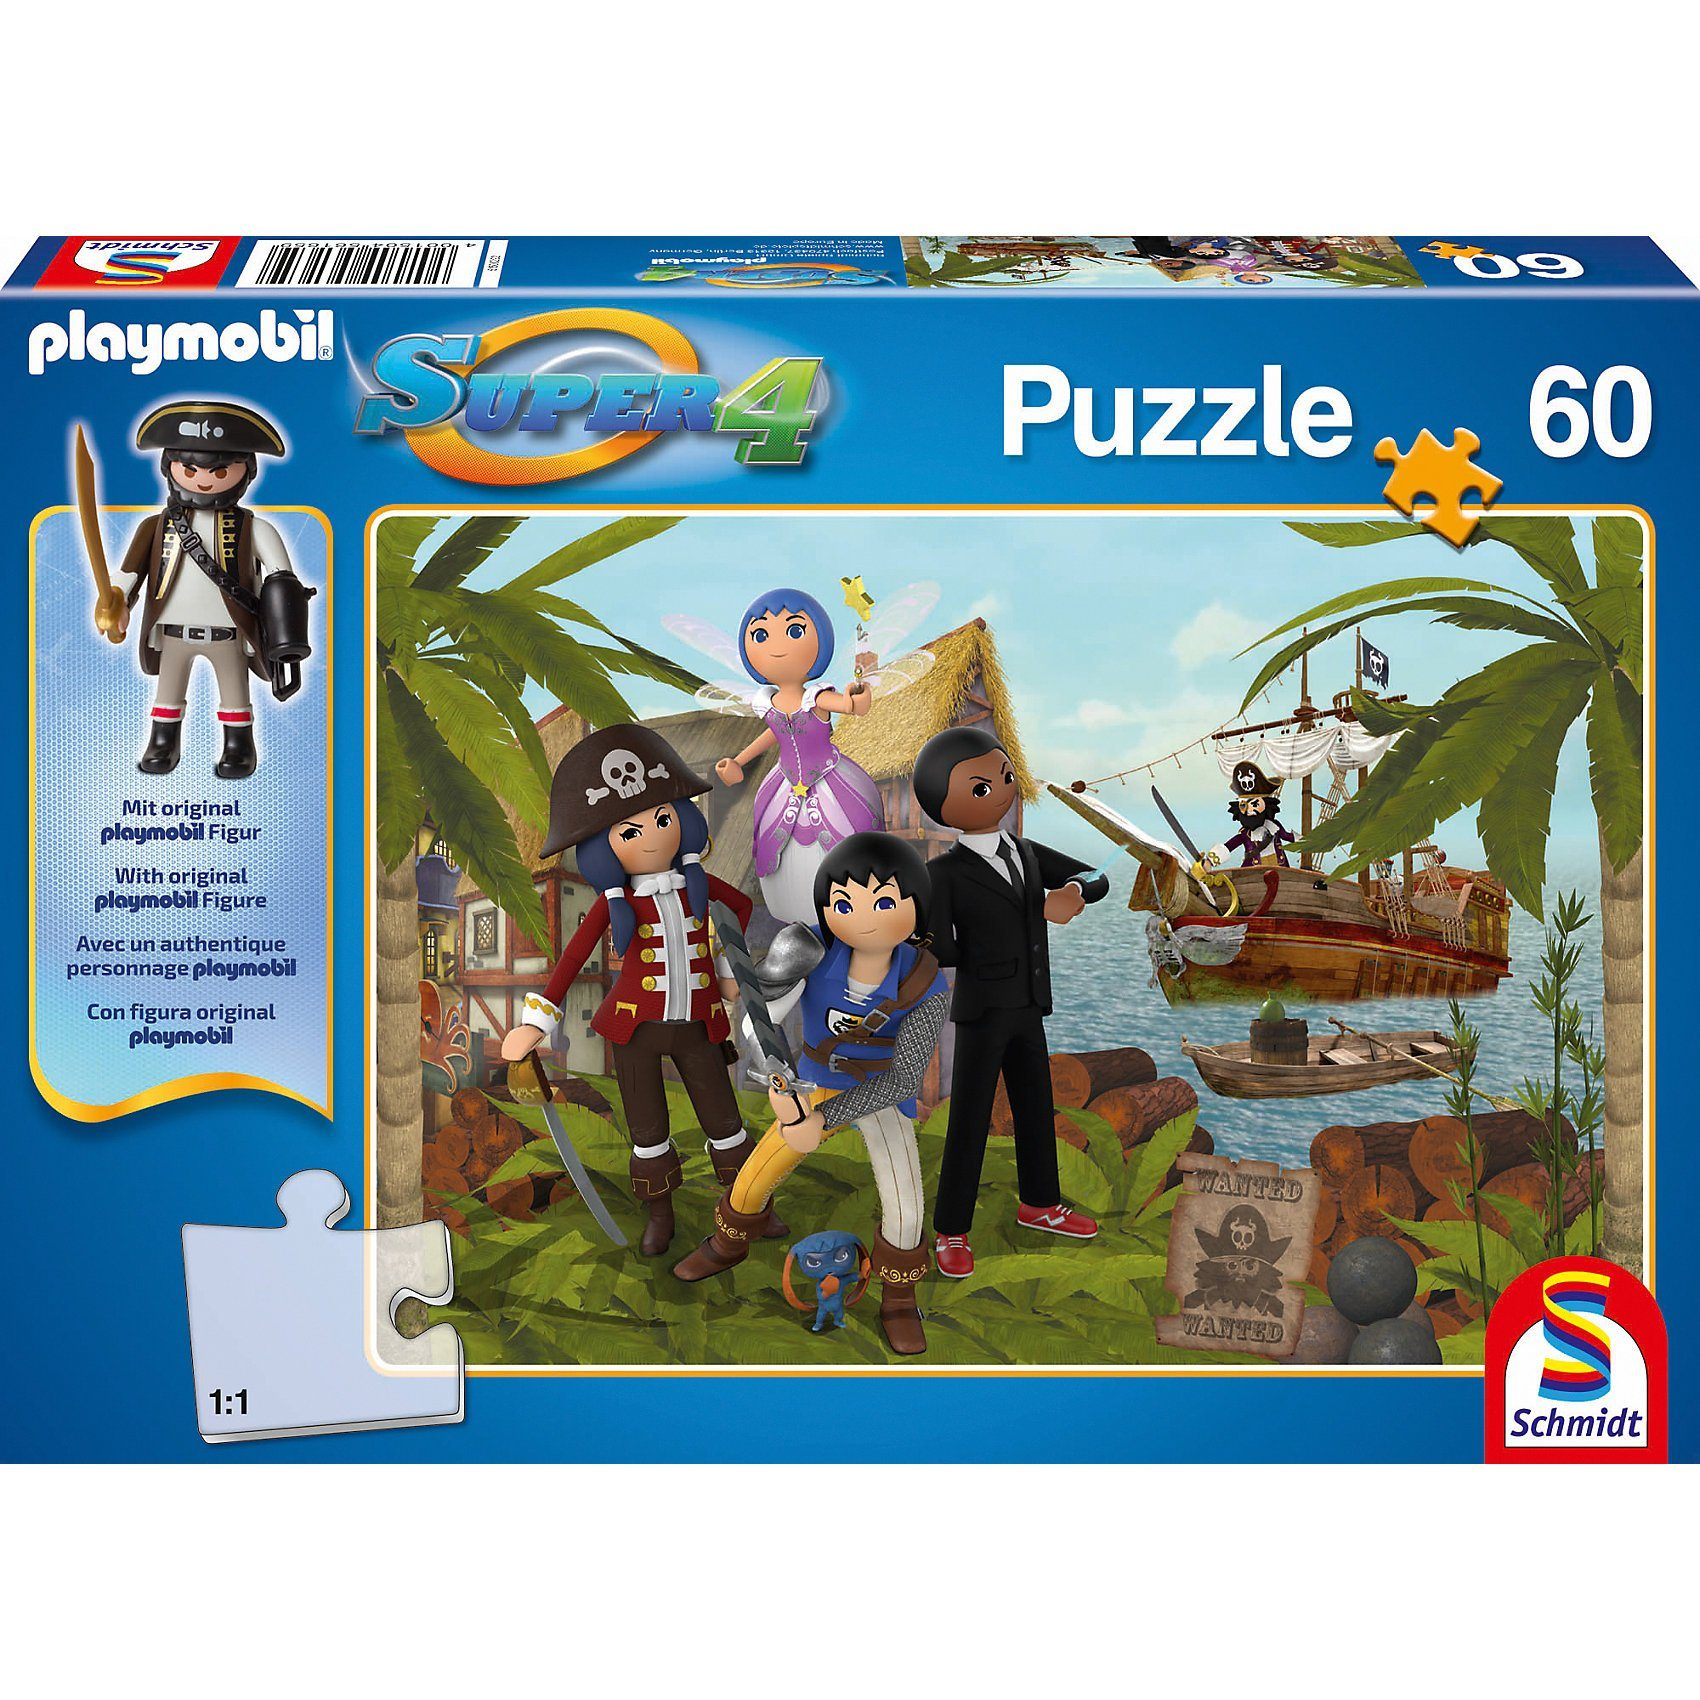 Schmidt Spiele Puzzle SUPER4 (inkl. Figur) Gunpowder Island 60 Teile